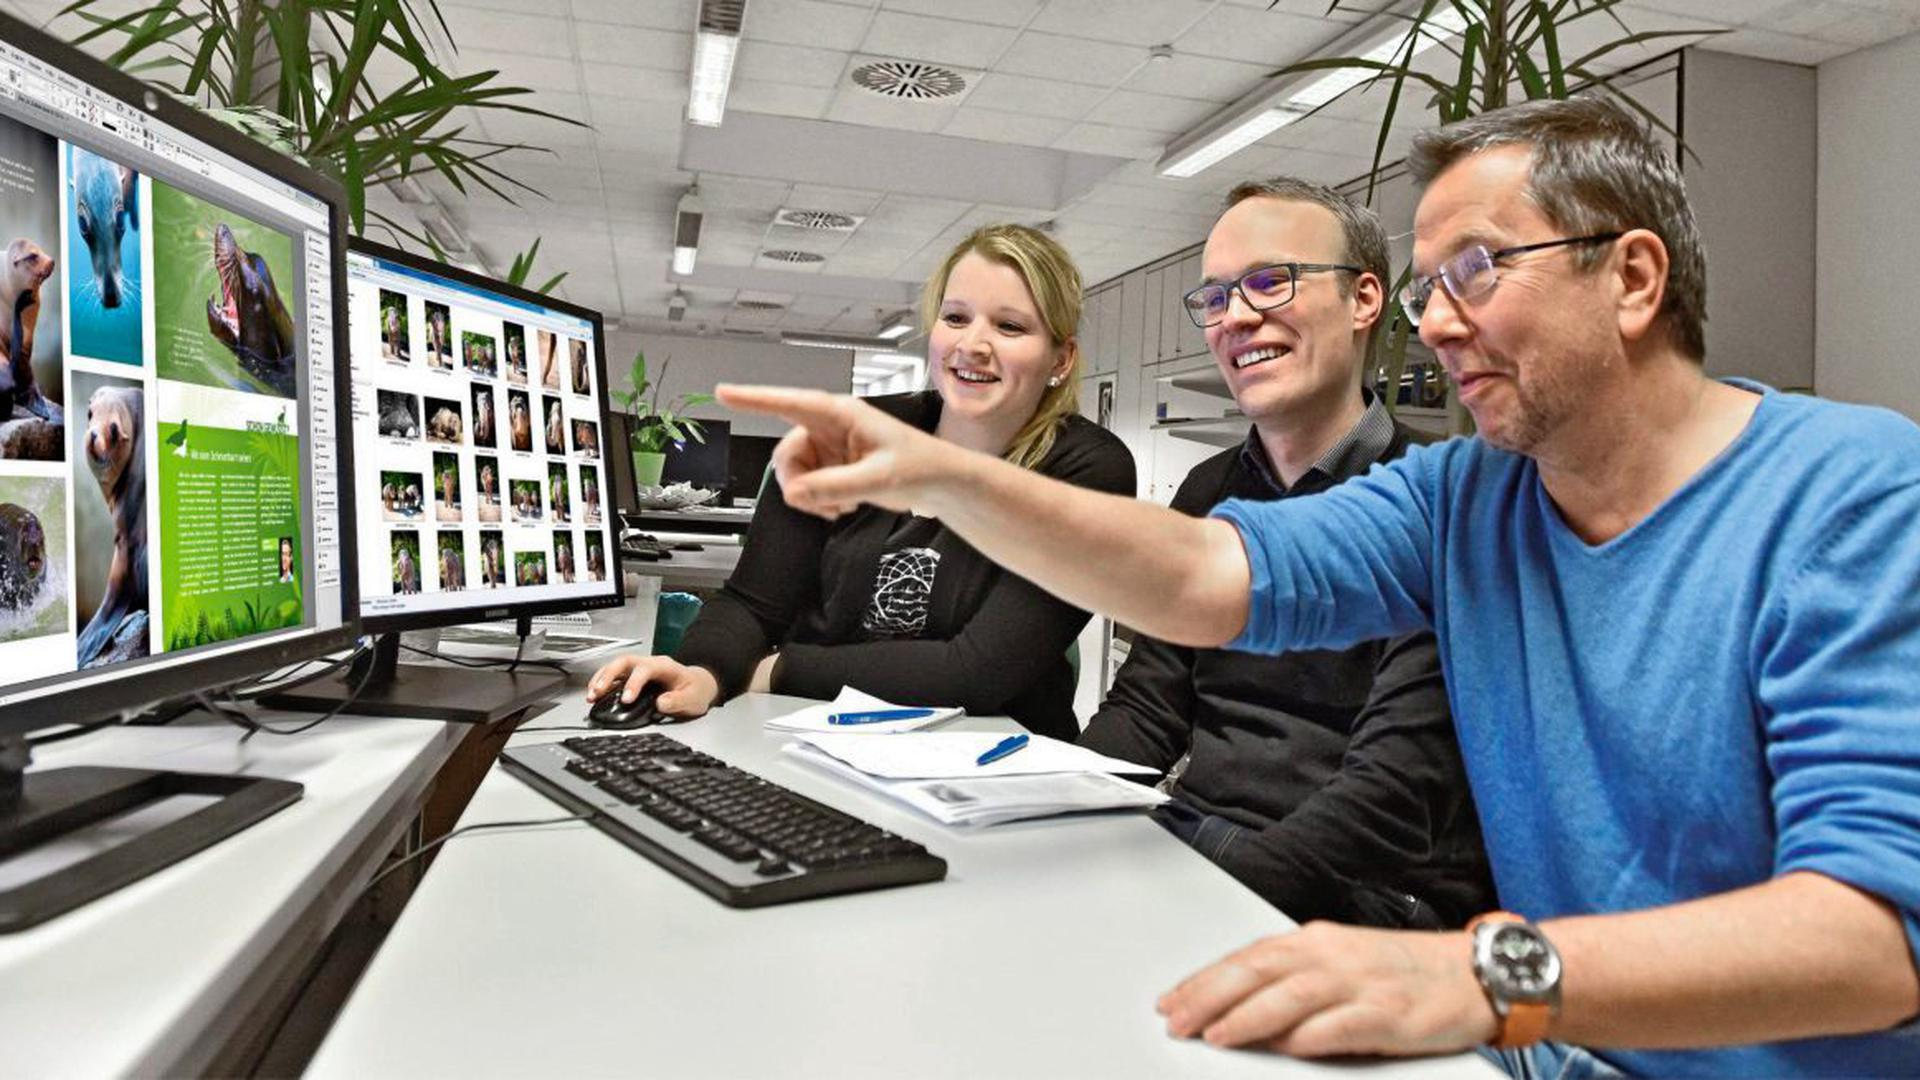 Ein Zoobuch entsteht: Der Bestsellerautor Mario Ludwig (rechts) informiert sich in der BNN-Technik bei Nina Nees und Volontär Anatol Fischer über die Arbeiten an dem neuen Bildband.